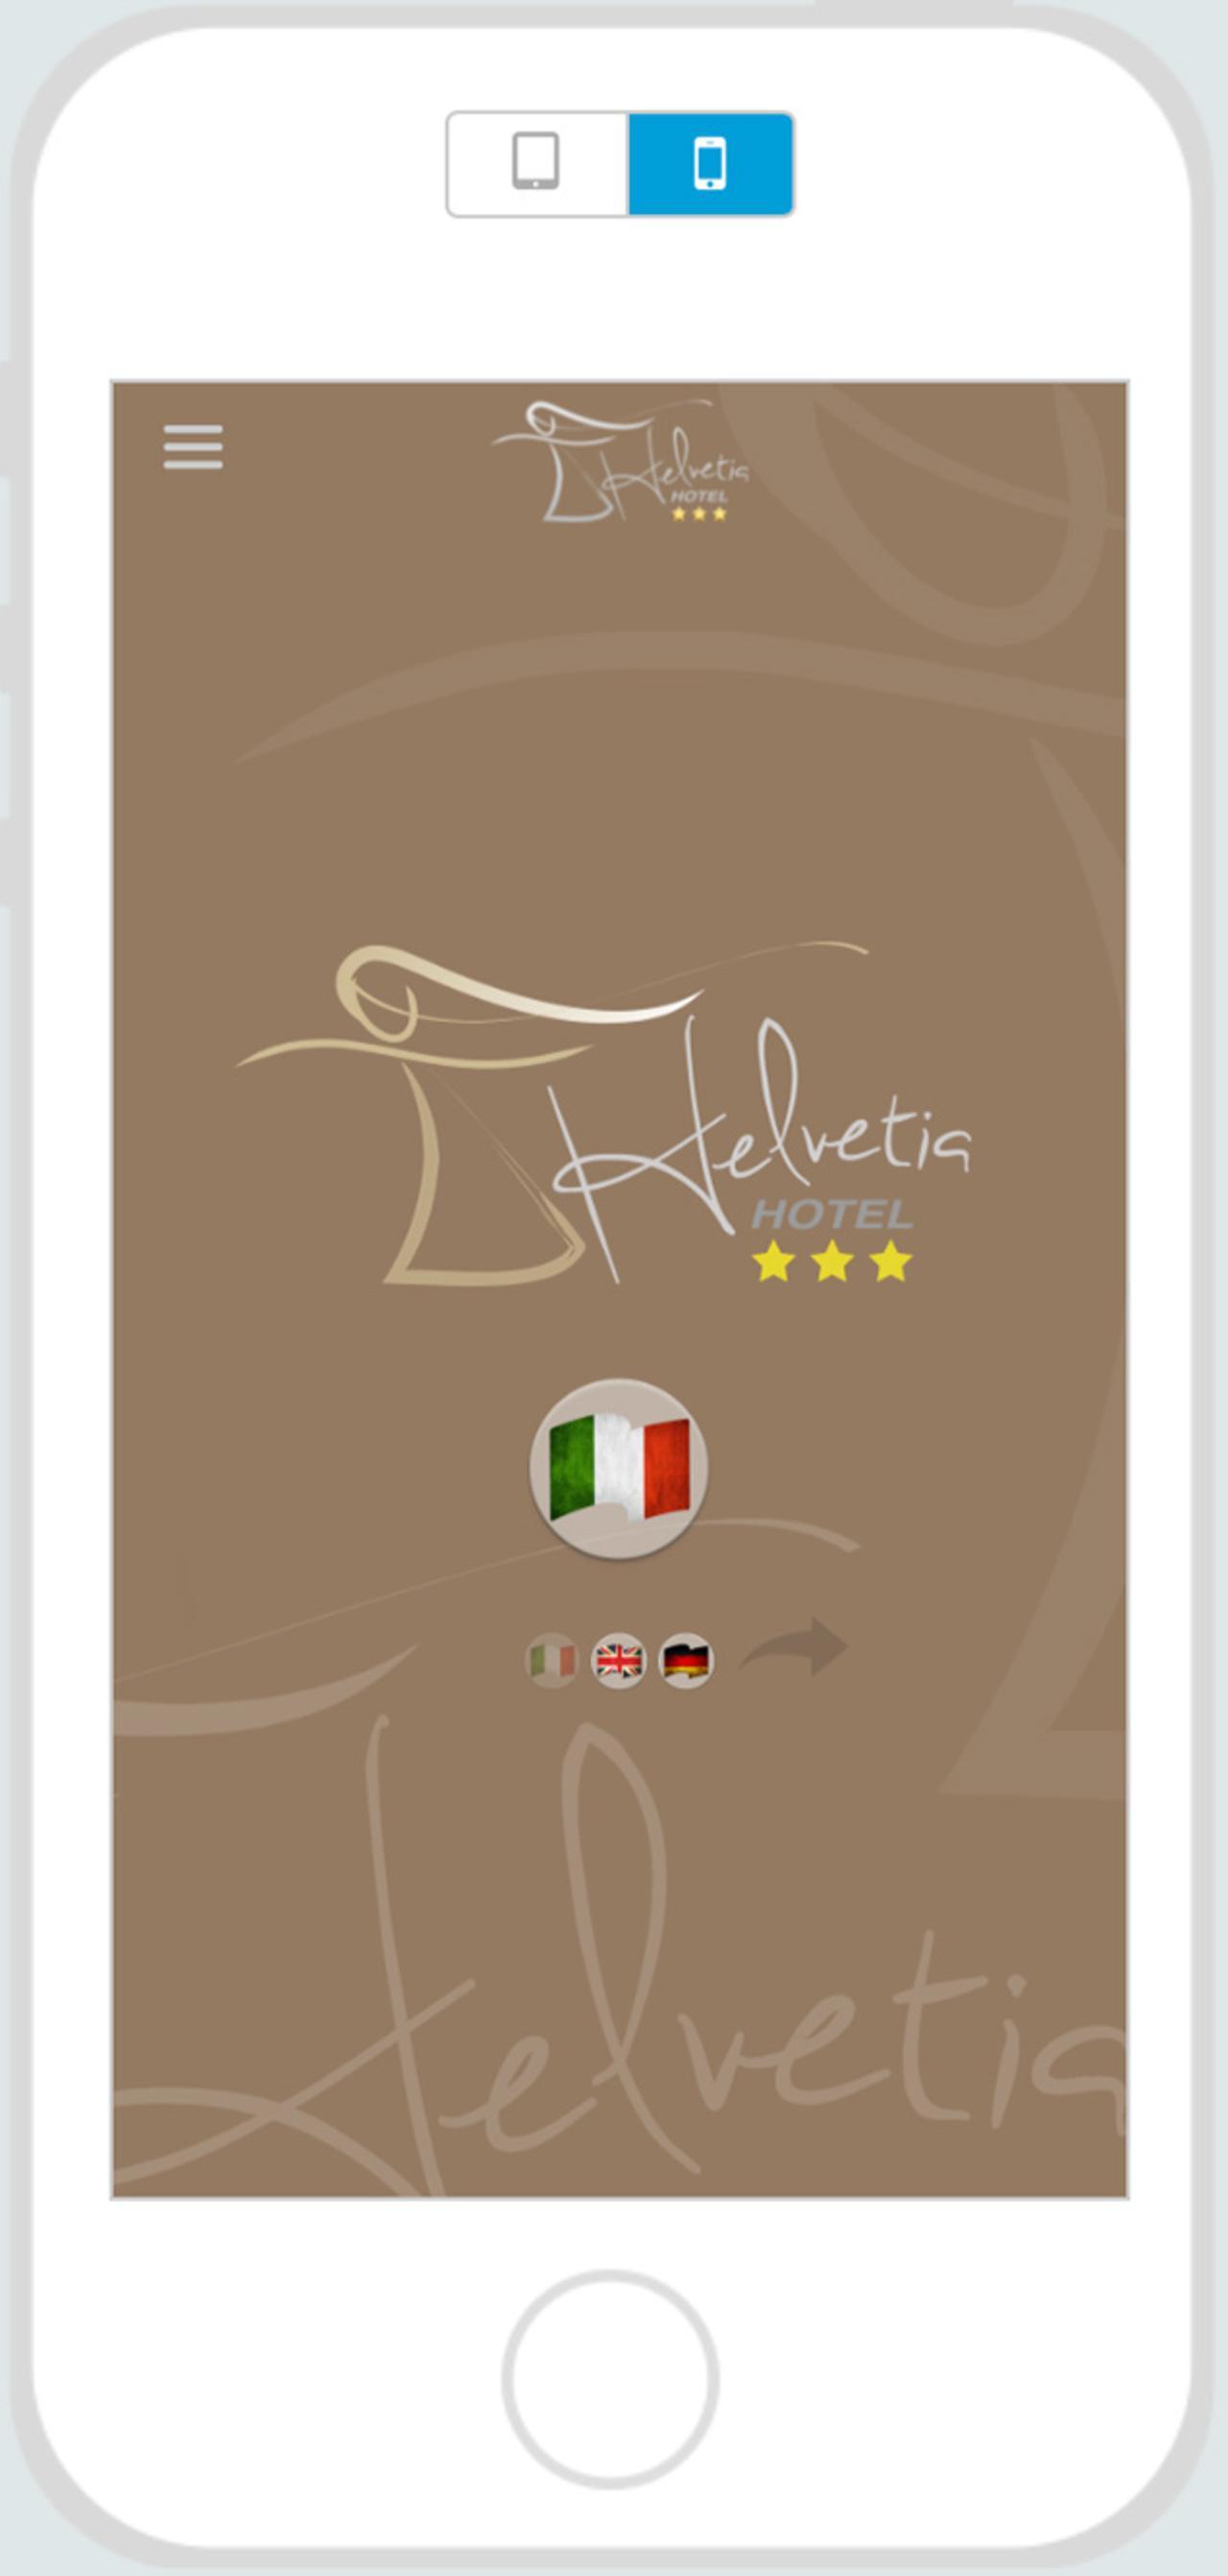 """App """"Hotel Helvetia Jesolo"""""""